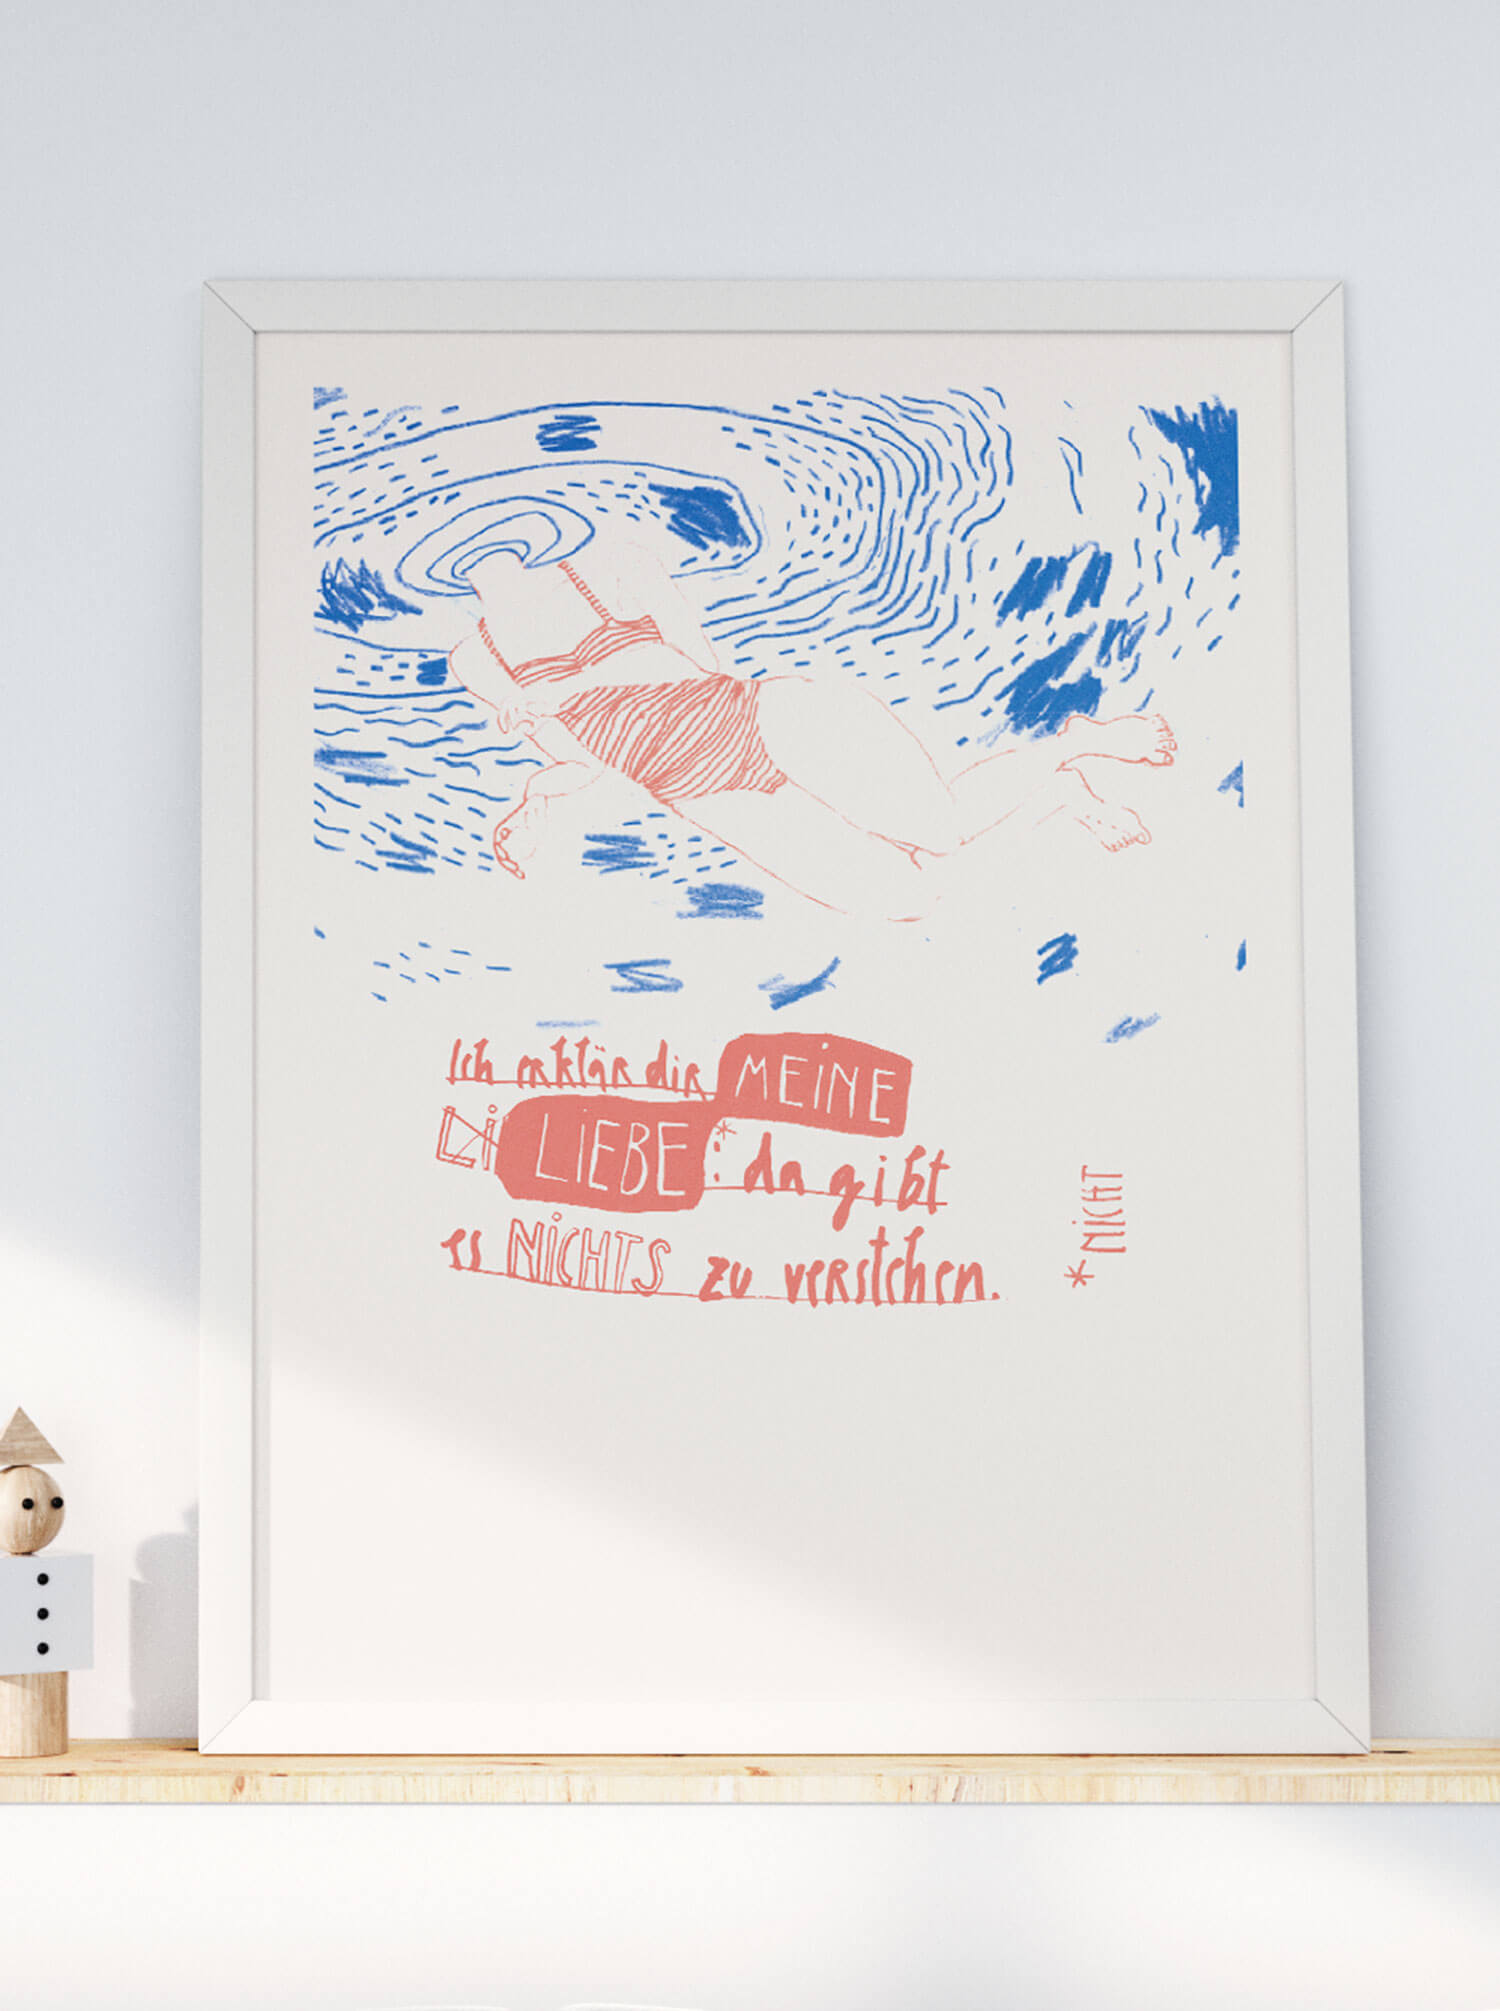 Plakat Liebe erklären, Matrosenhunde, Illustration, Ich erklär dir meine Liebe nicht, Berlin, Schwimmerin, Valentinstag, Liebe, love, Risographie, Risografie, Print, Druck, Poster, Fine Art,